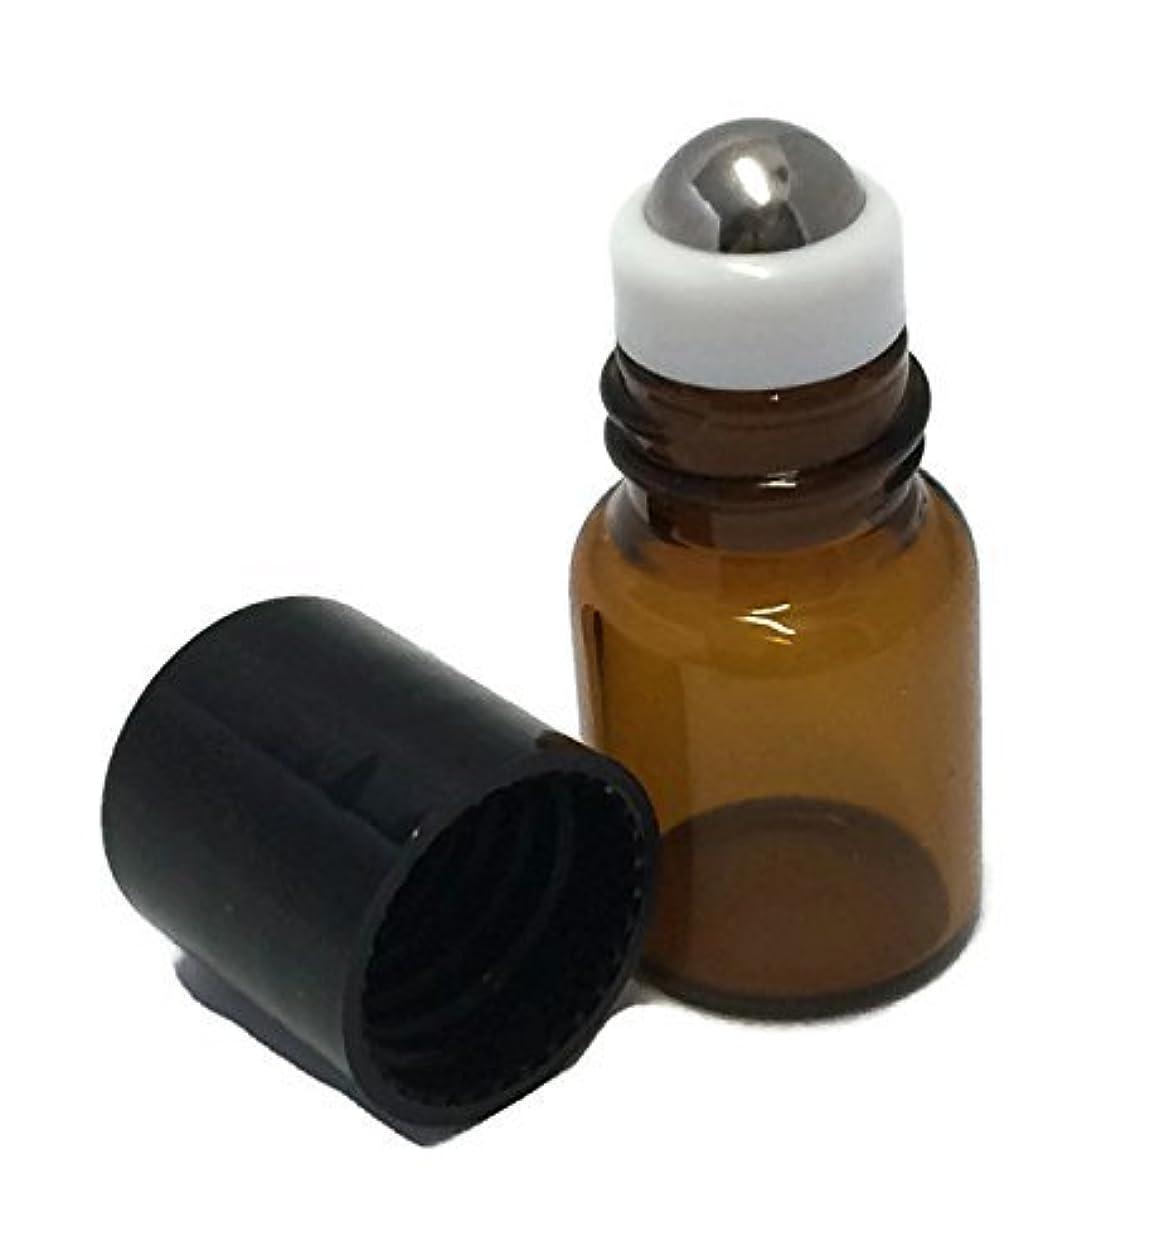 ためにとげホステスUSA 72ea - Amber Glass 2 ml, 5/8 Dram Mini Roll-On Glass Bottles with Stainless Steel Roller Balls - Refillable...